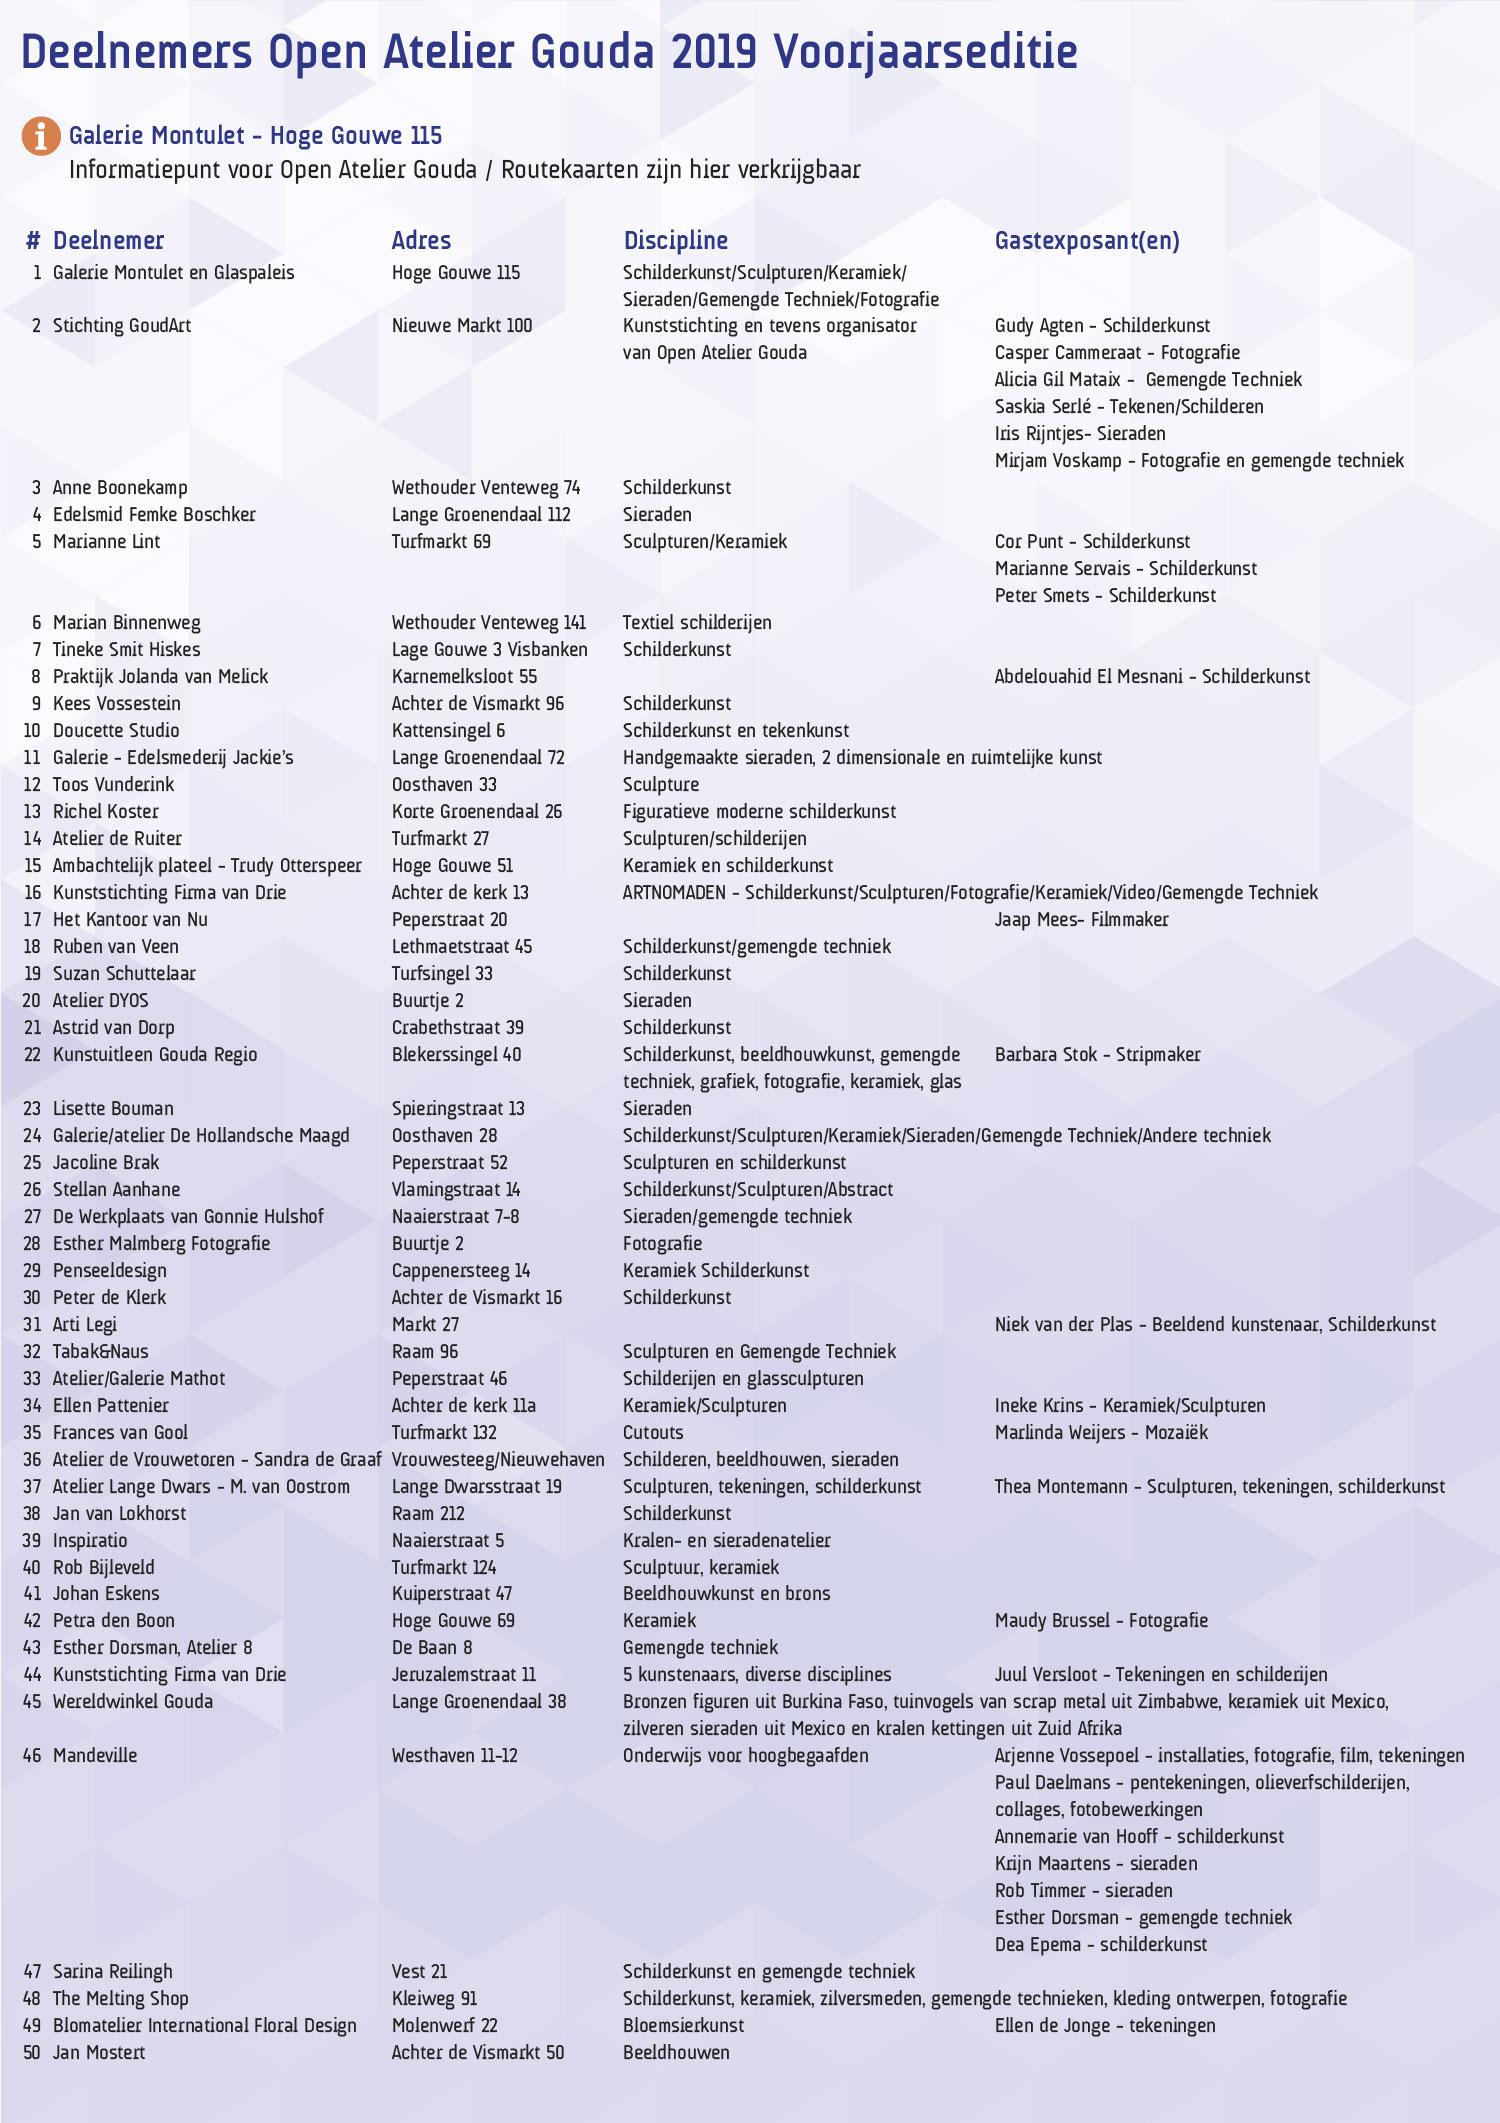 Info OA_2019-deelnemers